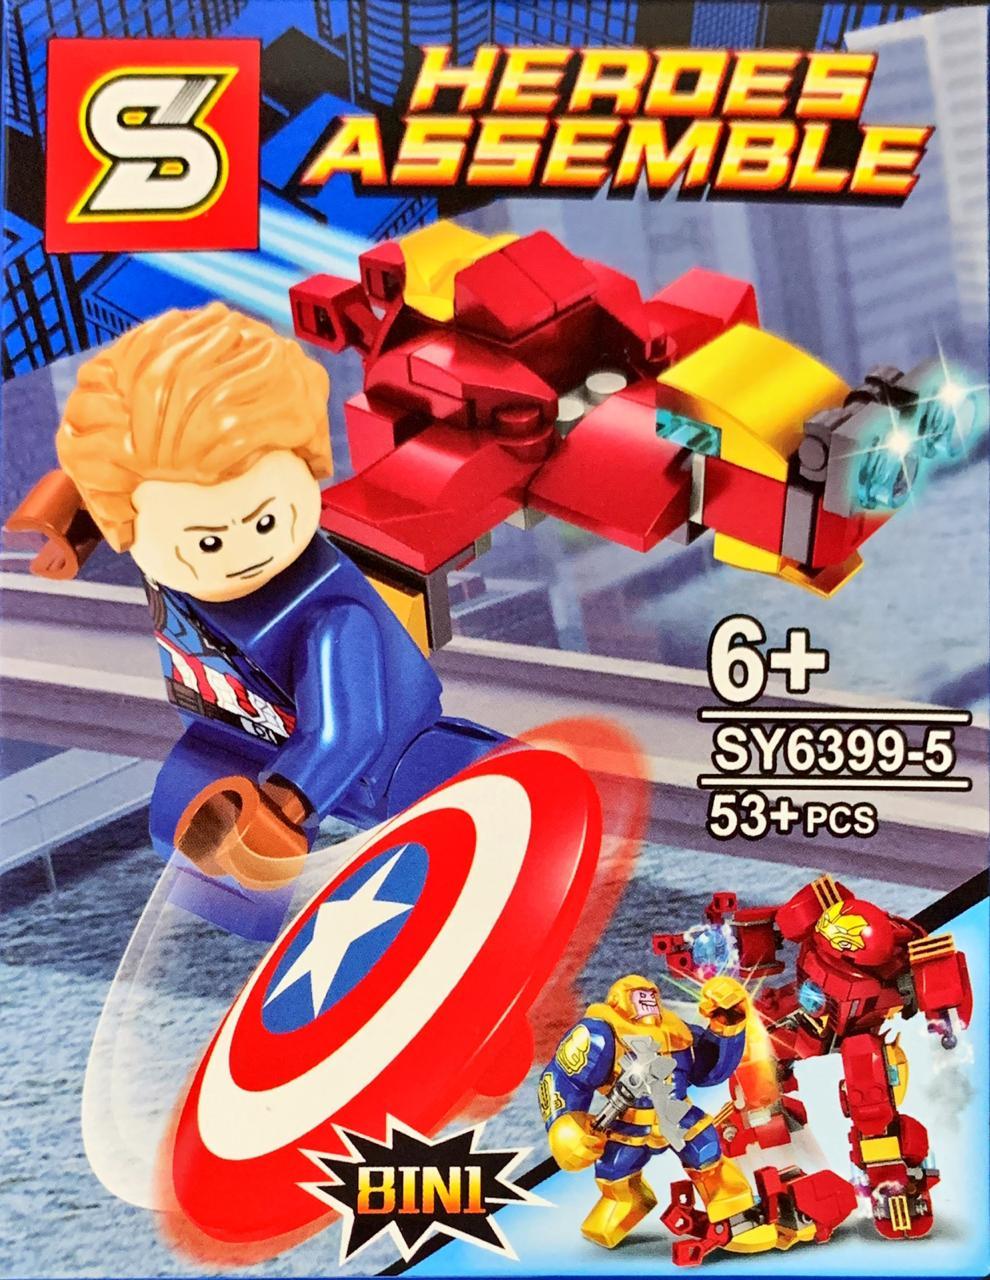 Bloco de Montar Heroes Assemble: Capitão América (SY6399-5) - (53 Peças)